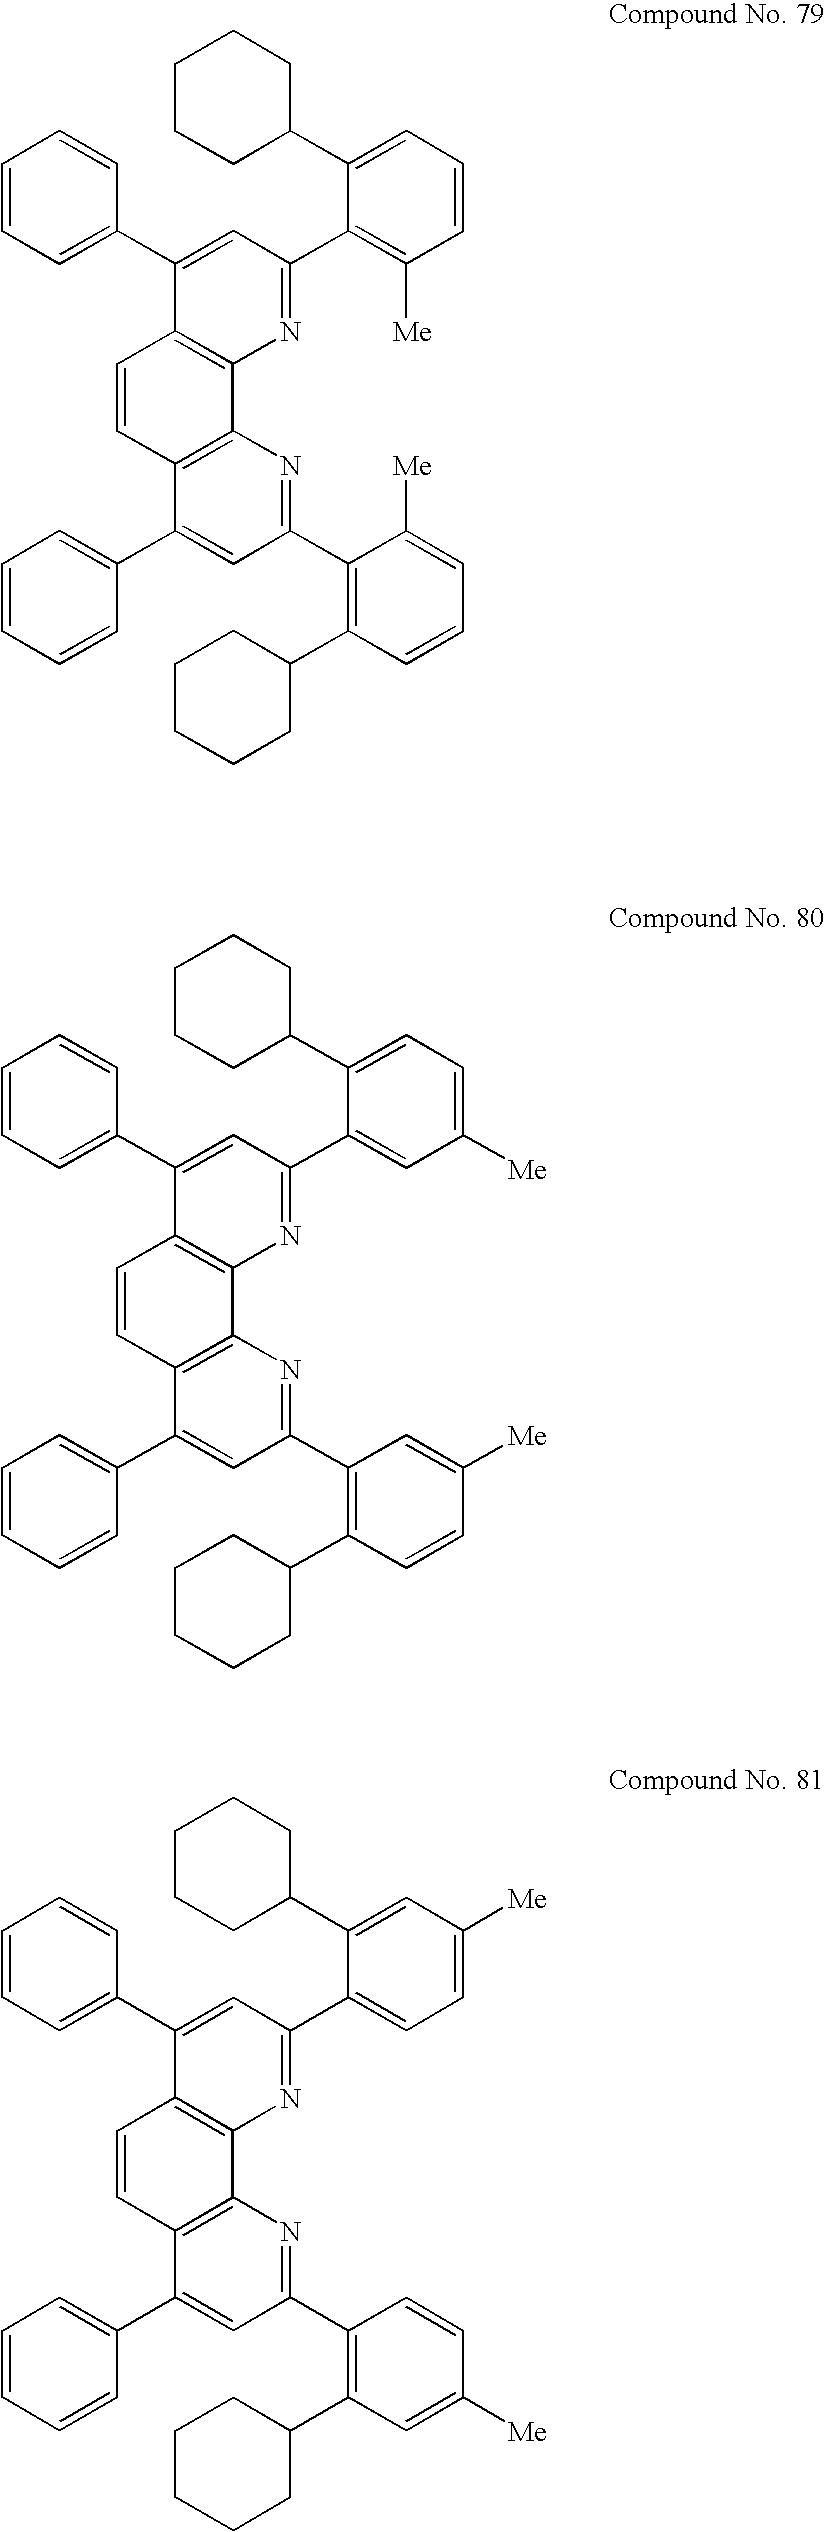 Figure US20050073641A1-20050407-C00025